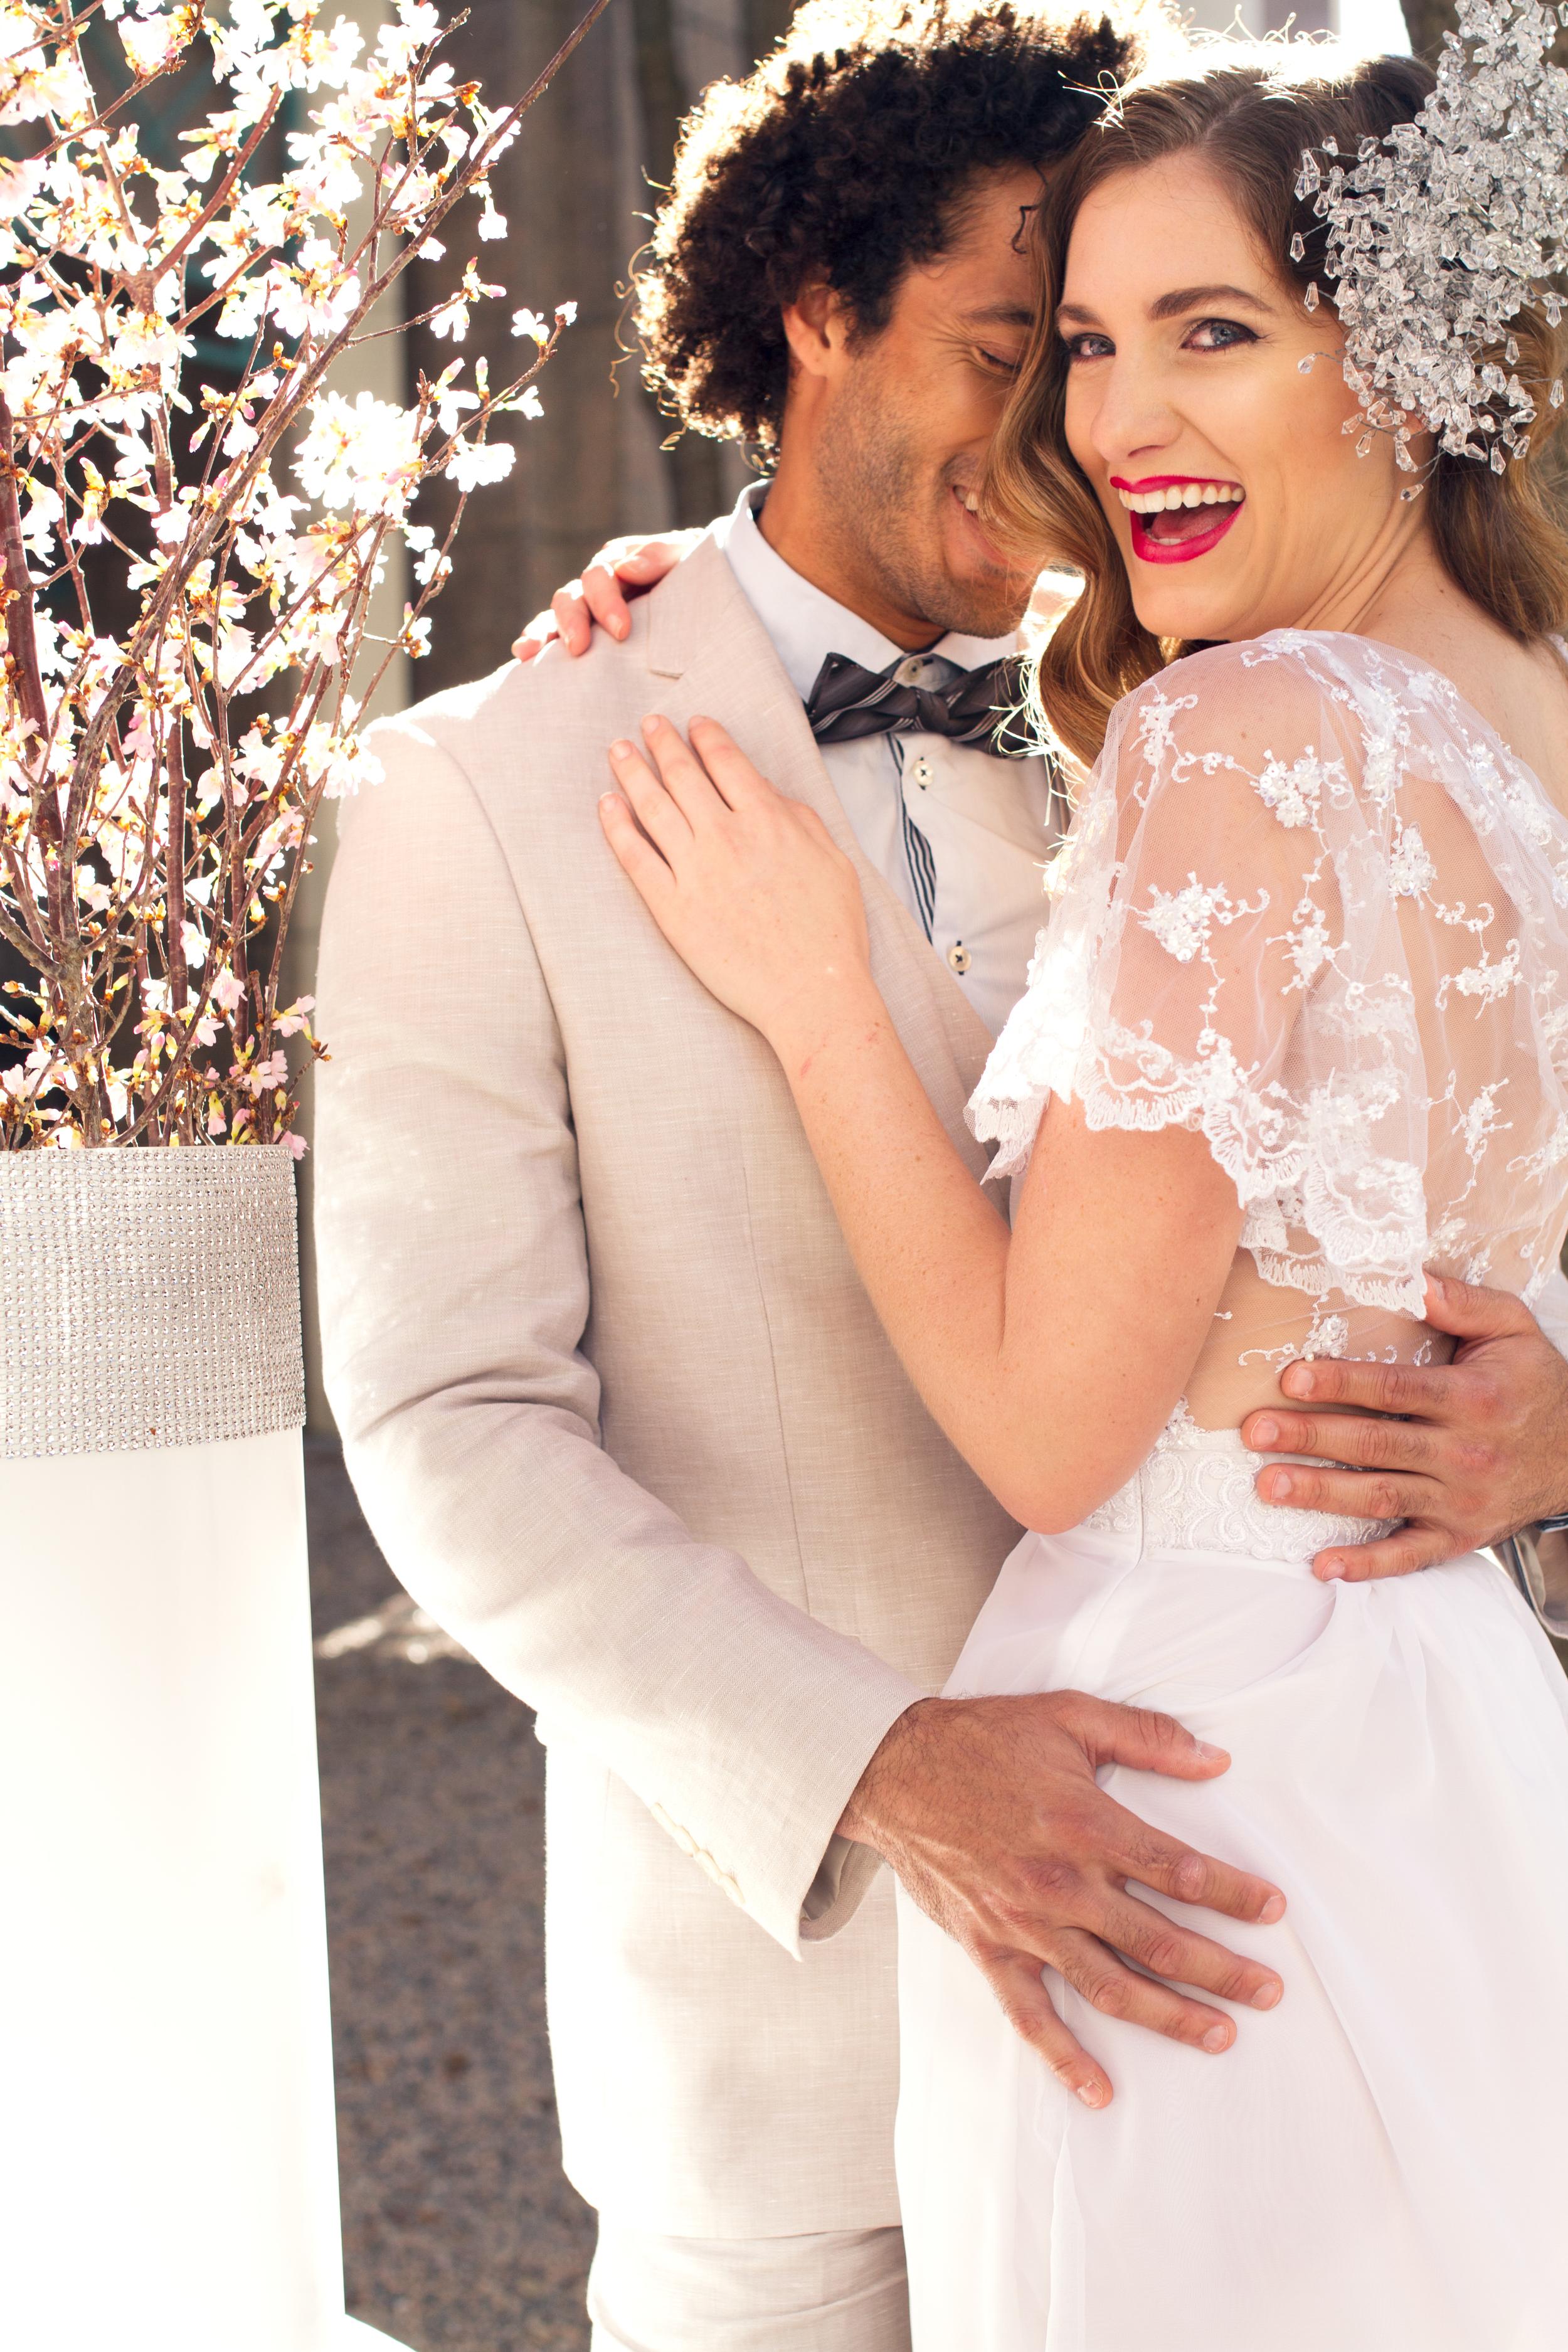 fashion_wedding_vaniaelisephotography--62.jpg